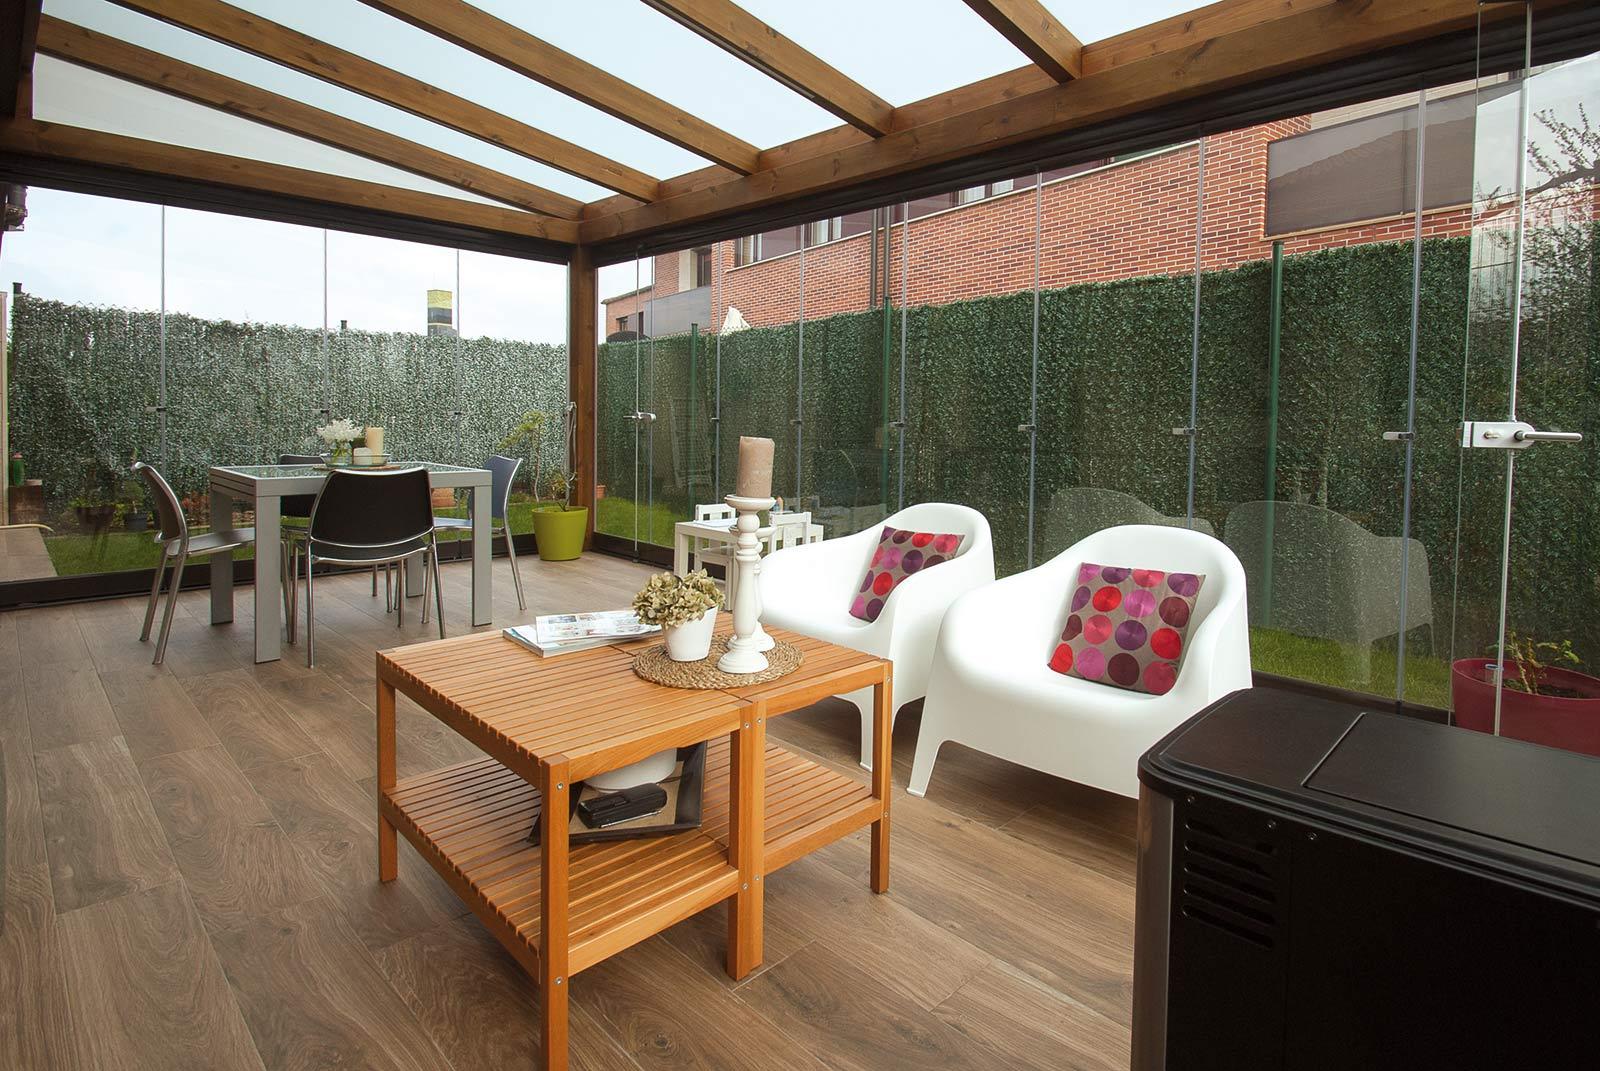 porche-jardin-madera-cristal-lumon-cerrado-abierto-11